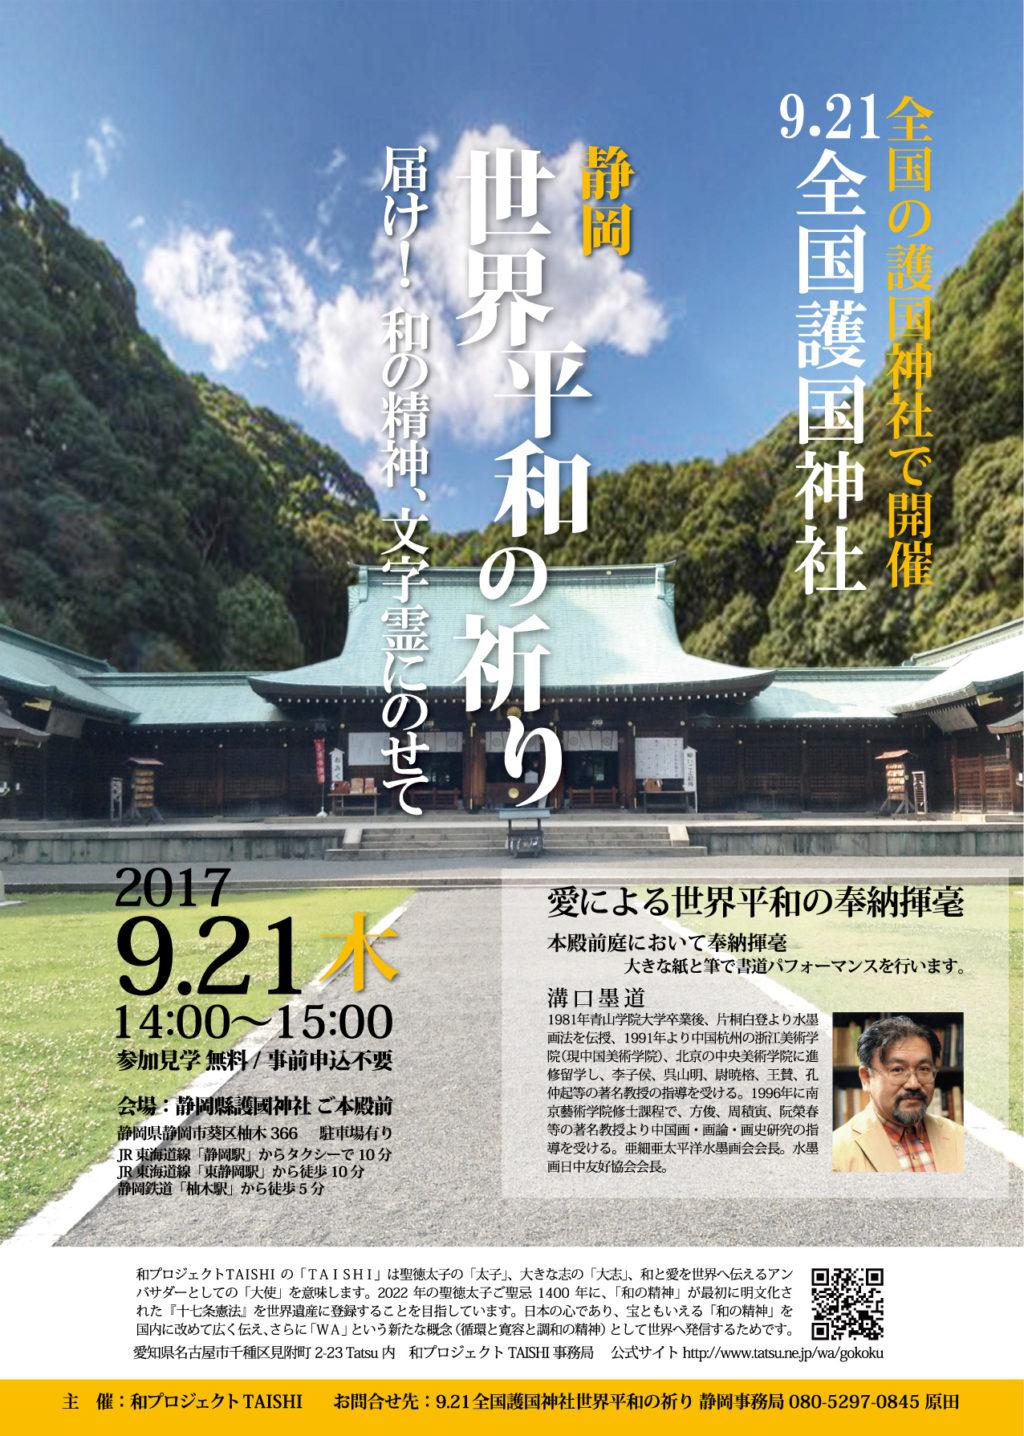 護国神社チラシ 世界平和の祈り 和プロジェクトTAISHI